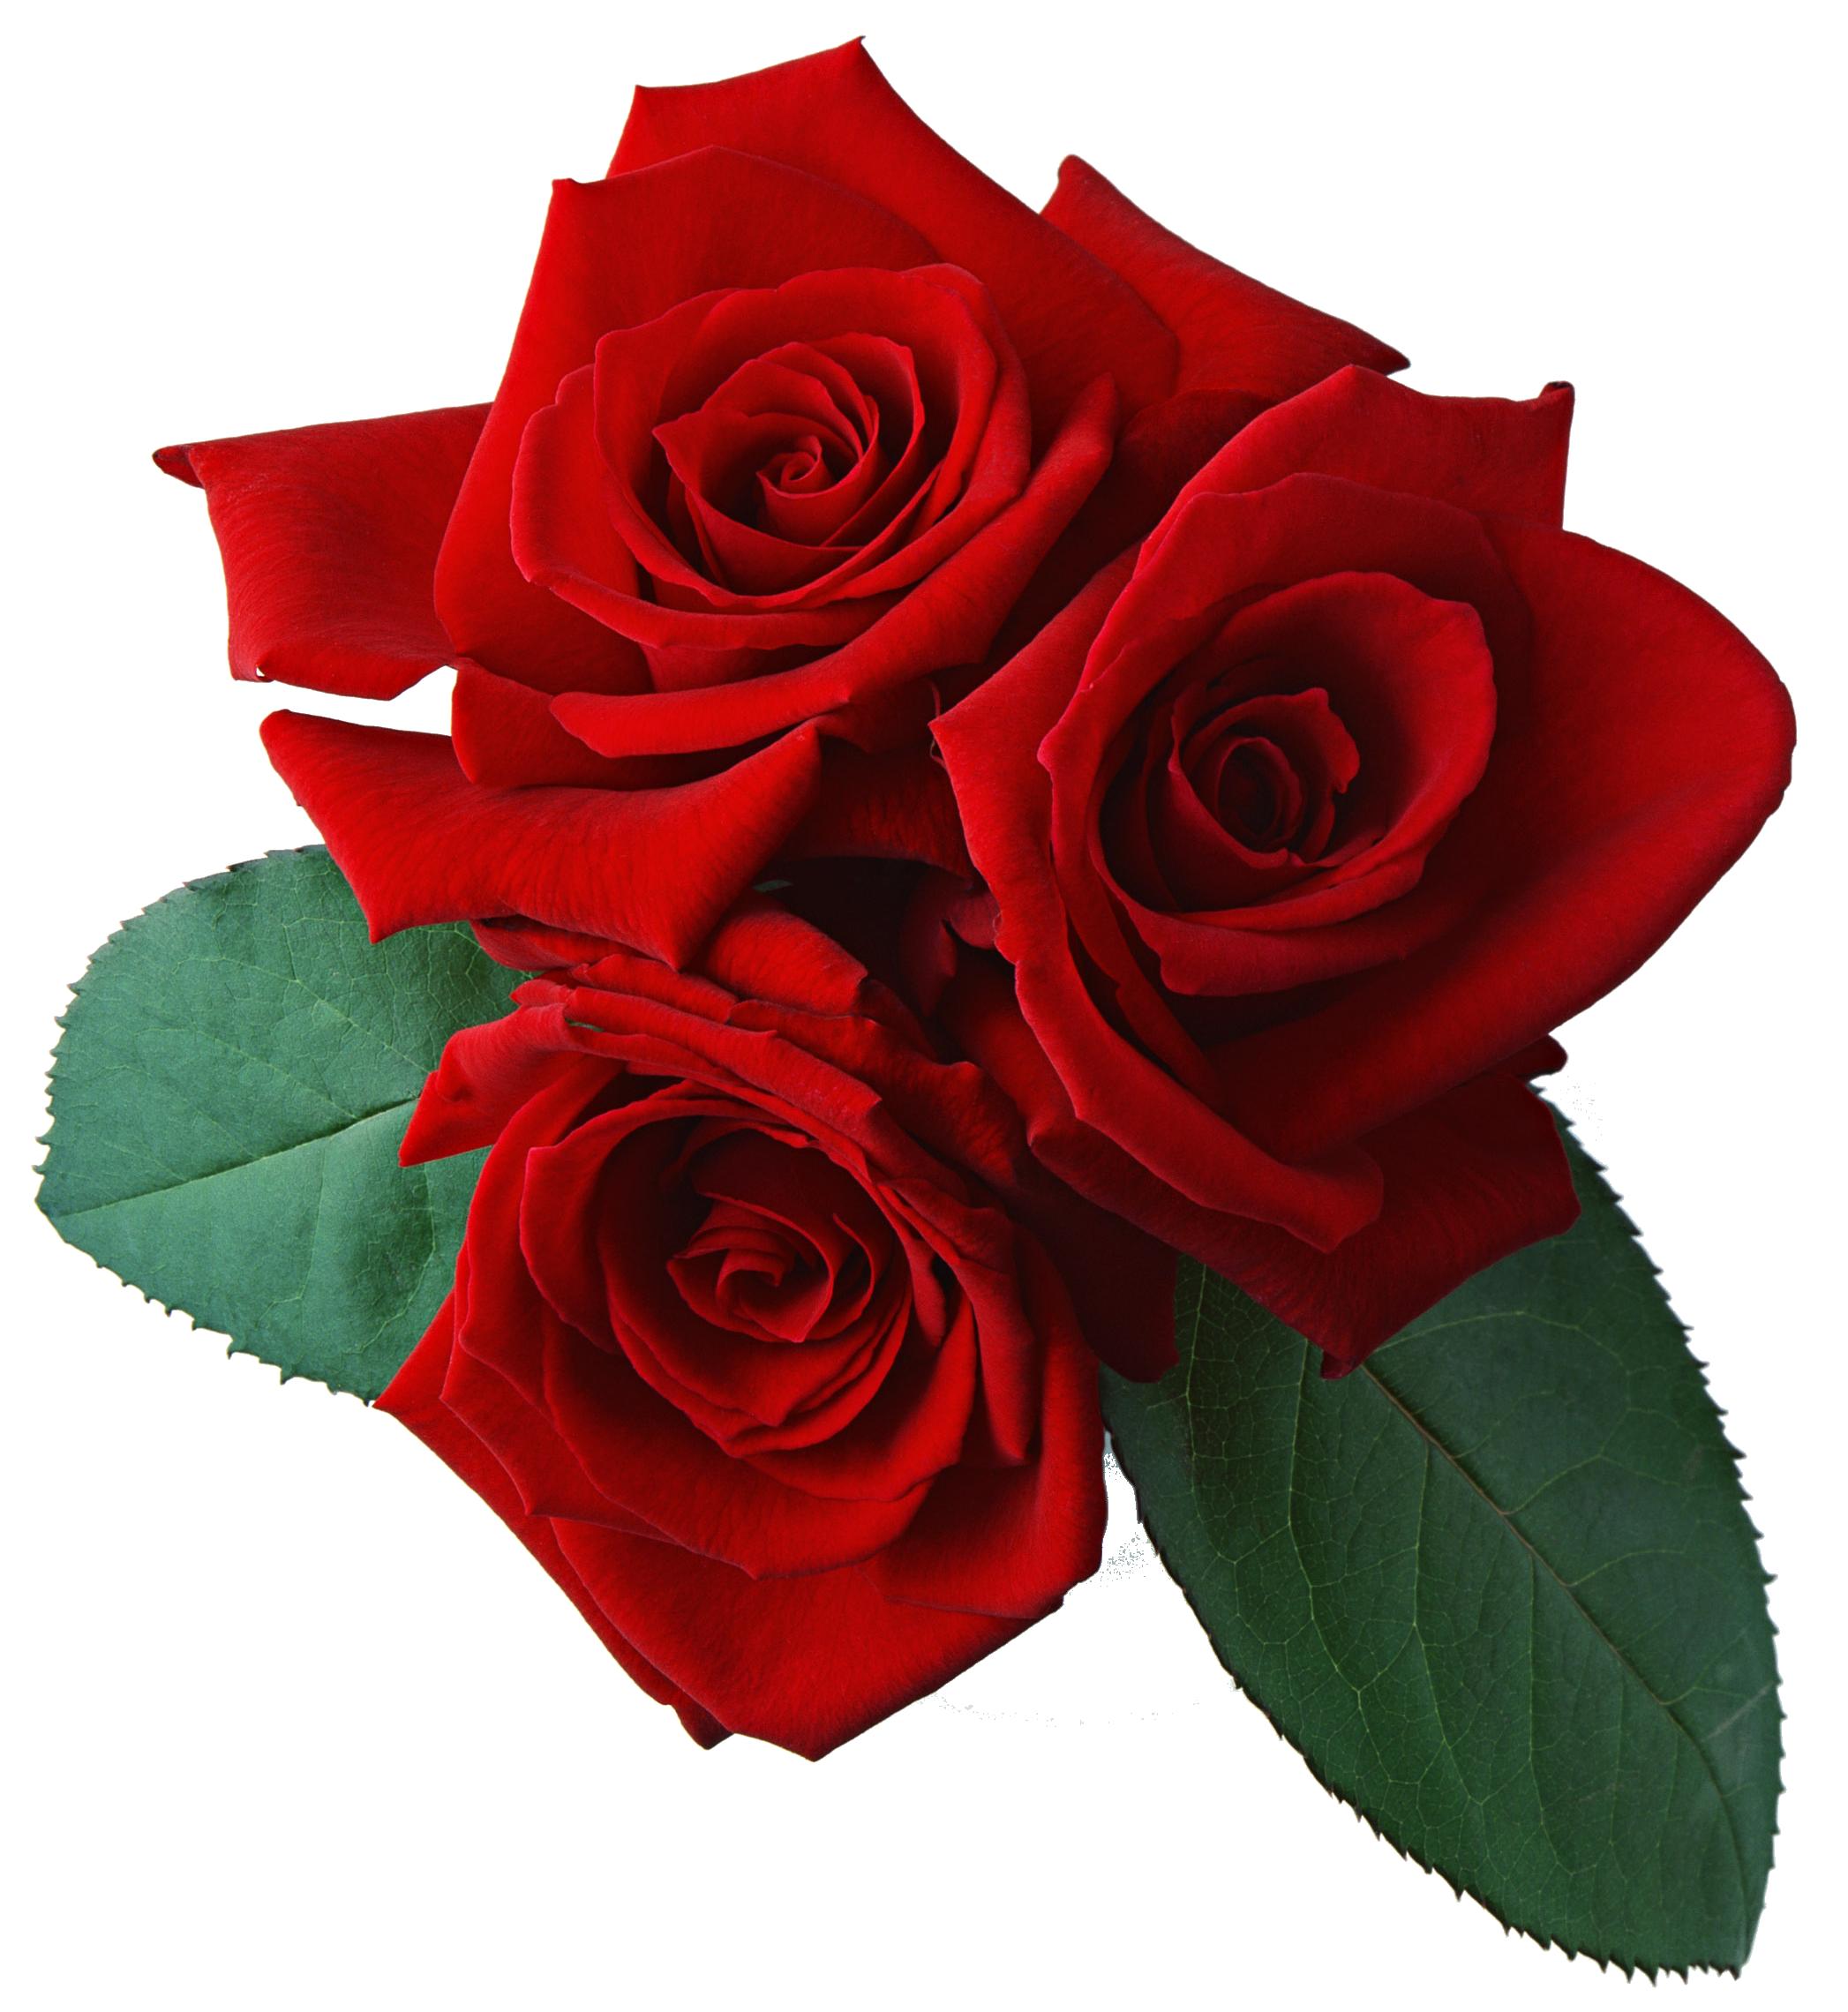 Rose PNG HD